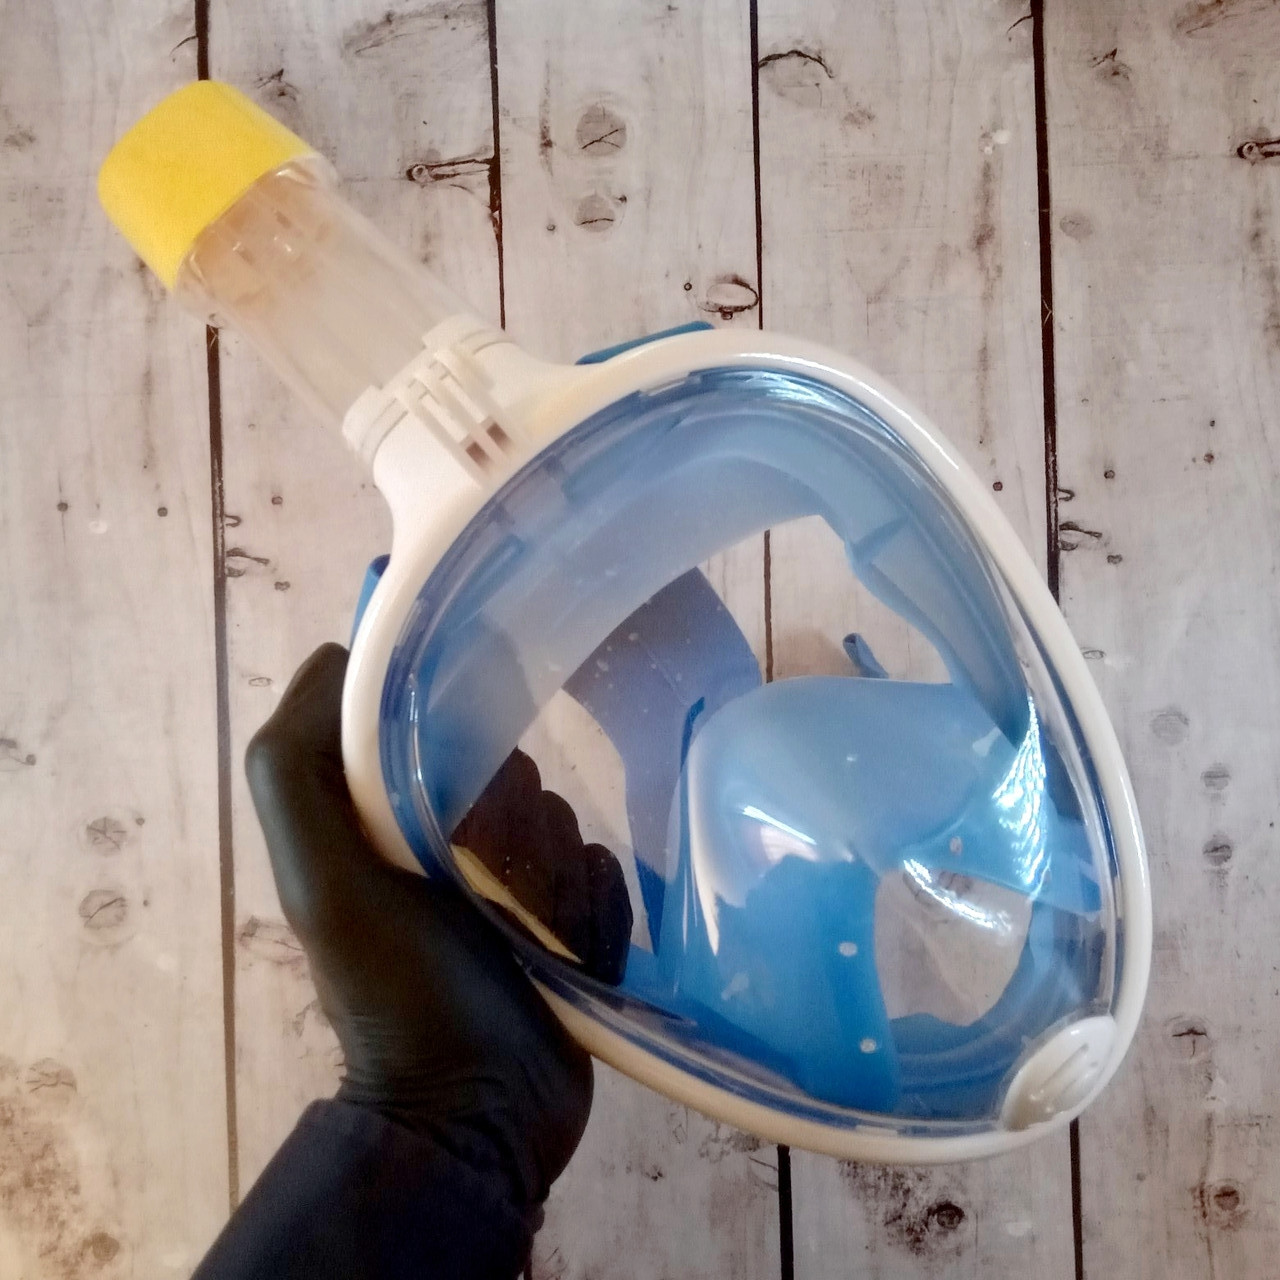 Маска полнолицевая для подводного плавания, ныряния, дайвинга, снорклинга L/XL Синяя (Оригинальные фото)